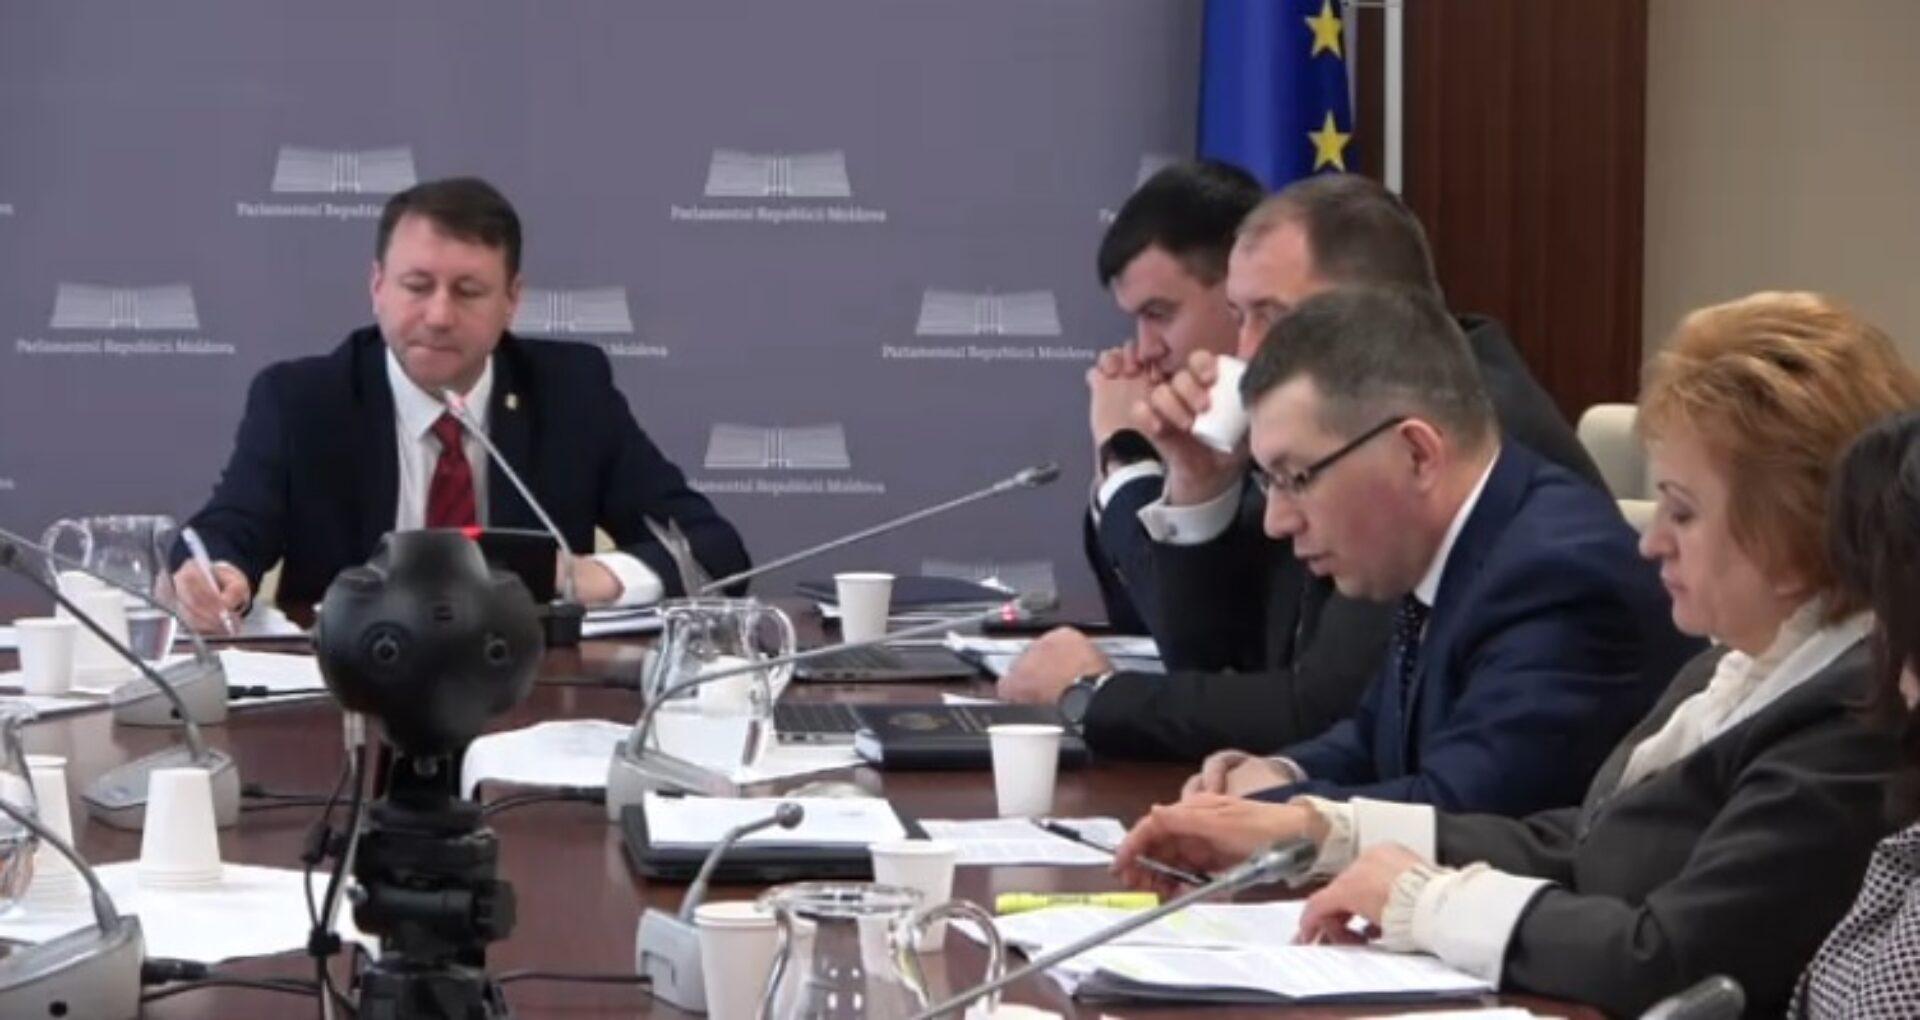 """VIDEO/ Cum a fost """"executat"""" contractul de concesiune a Aeroportului Internațional Chișinău? Raportul – prezentat la Parlament"""